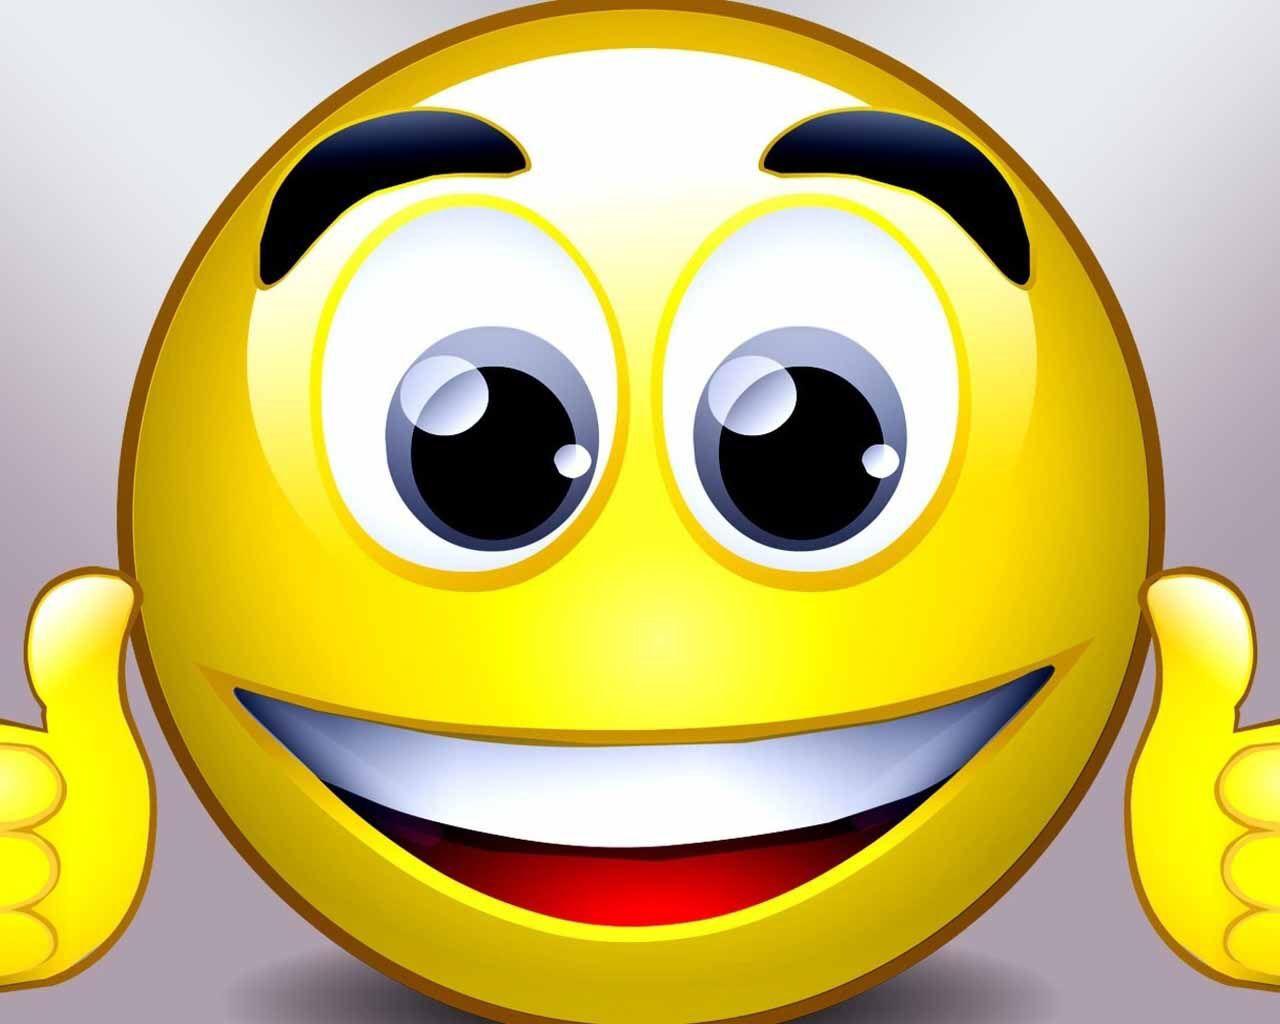 Một nụ cười lạc quan có thể đem đến ánh sáng cho thế giới của bạn :)